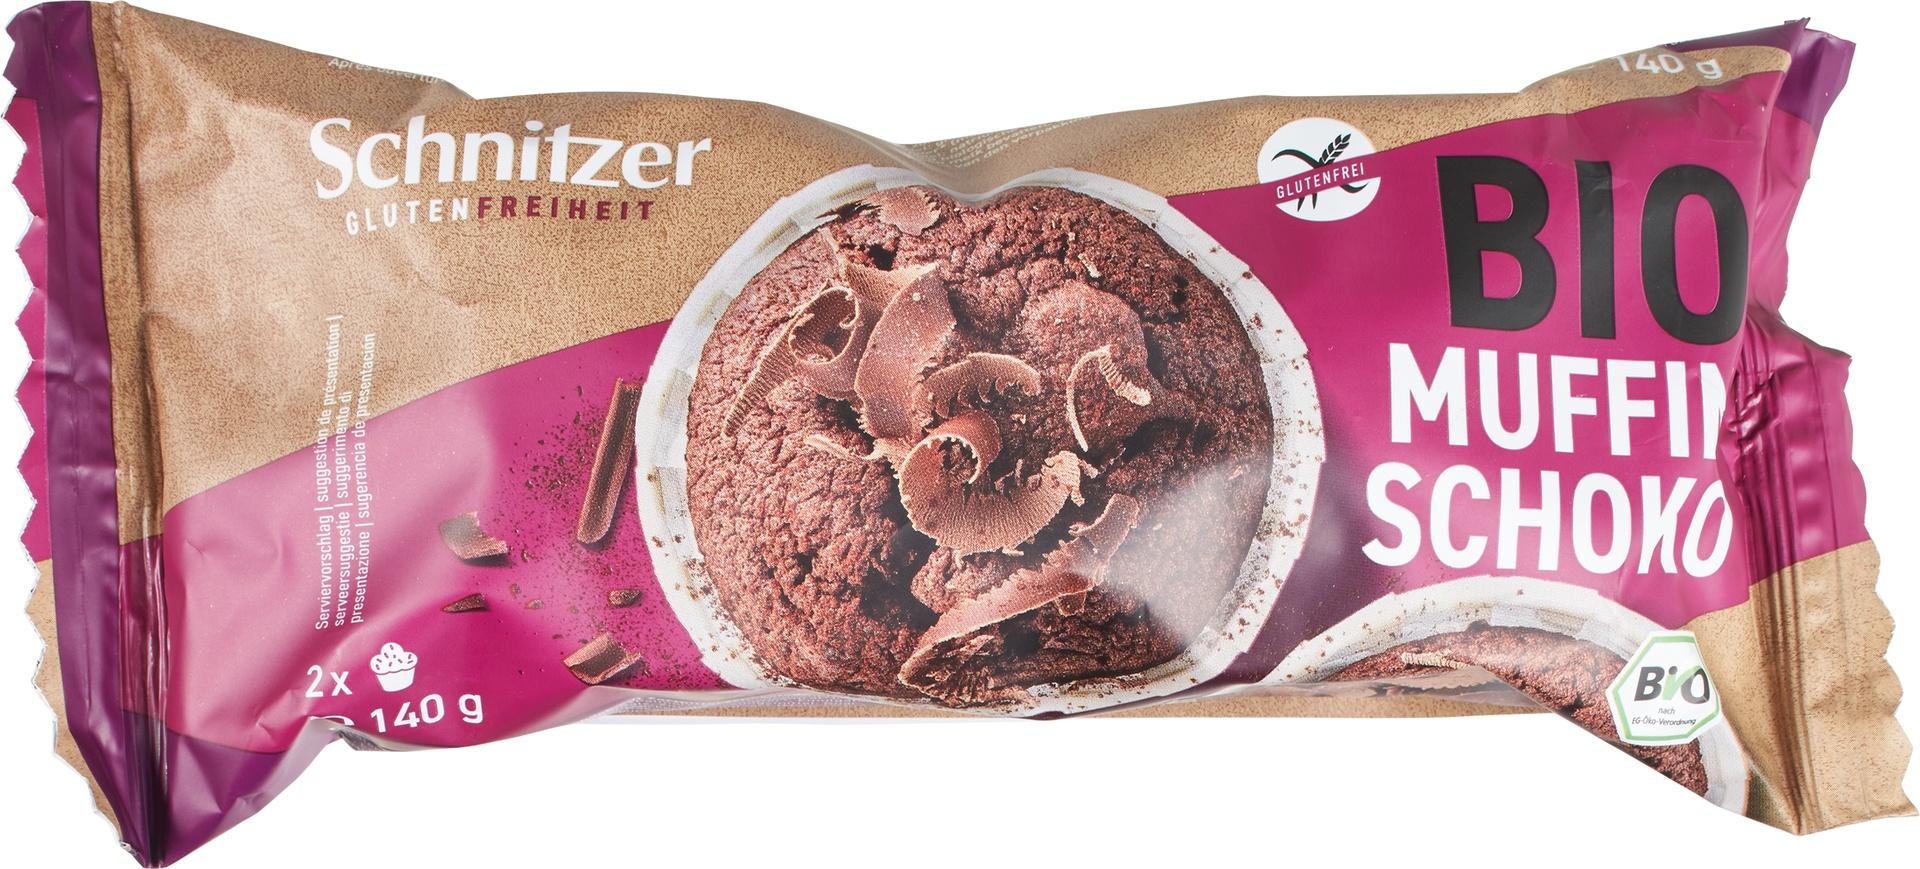 Biologische Schnitzer Muffin chocolate 2x140 gr 140 gr